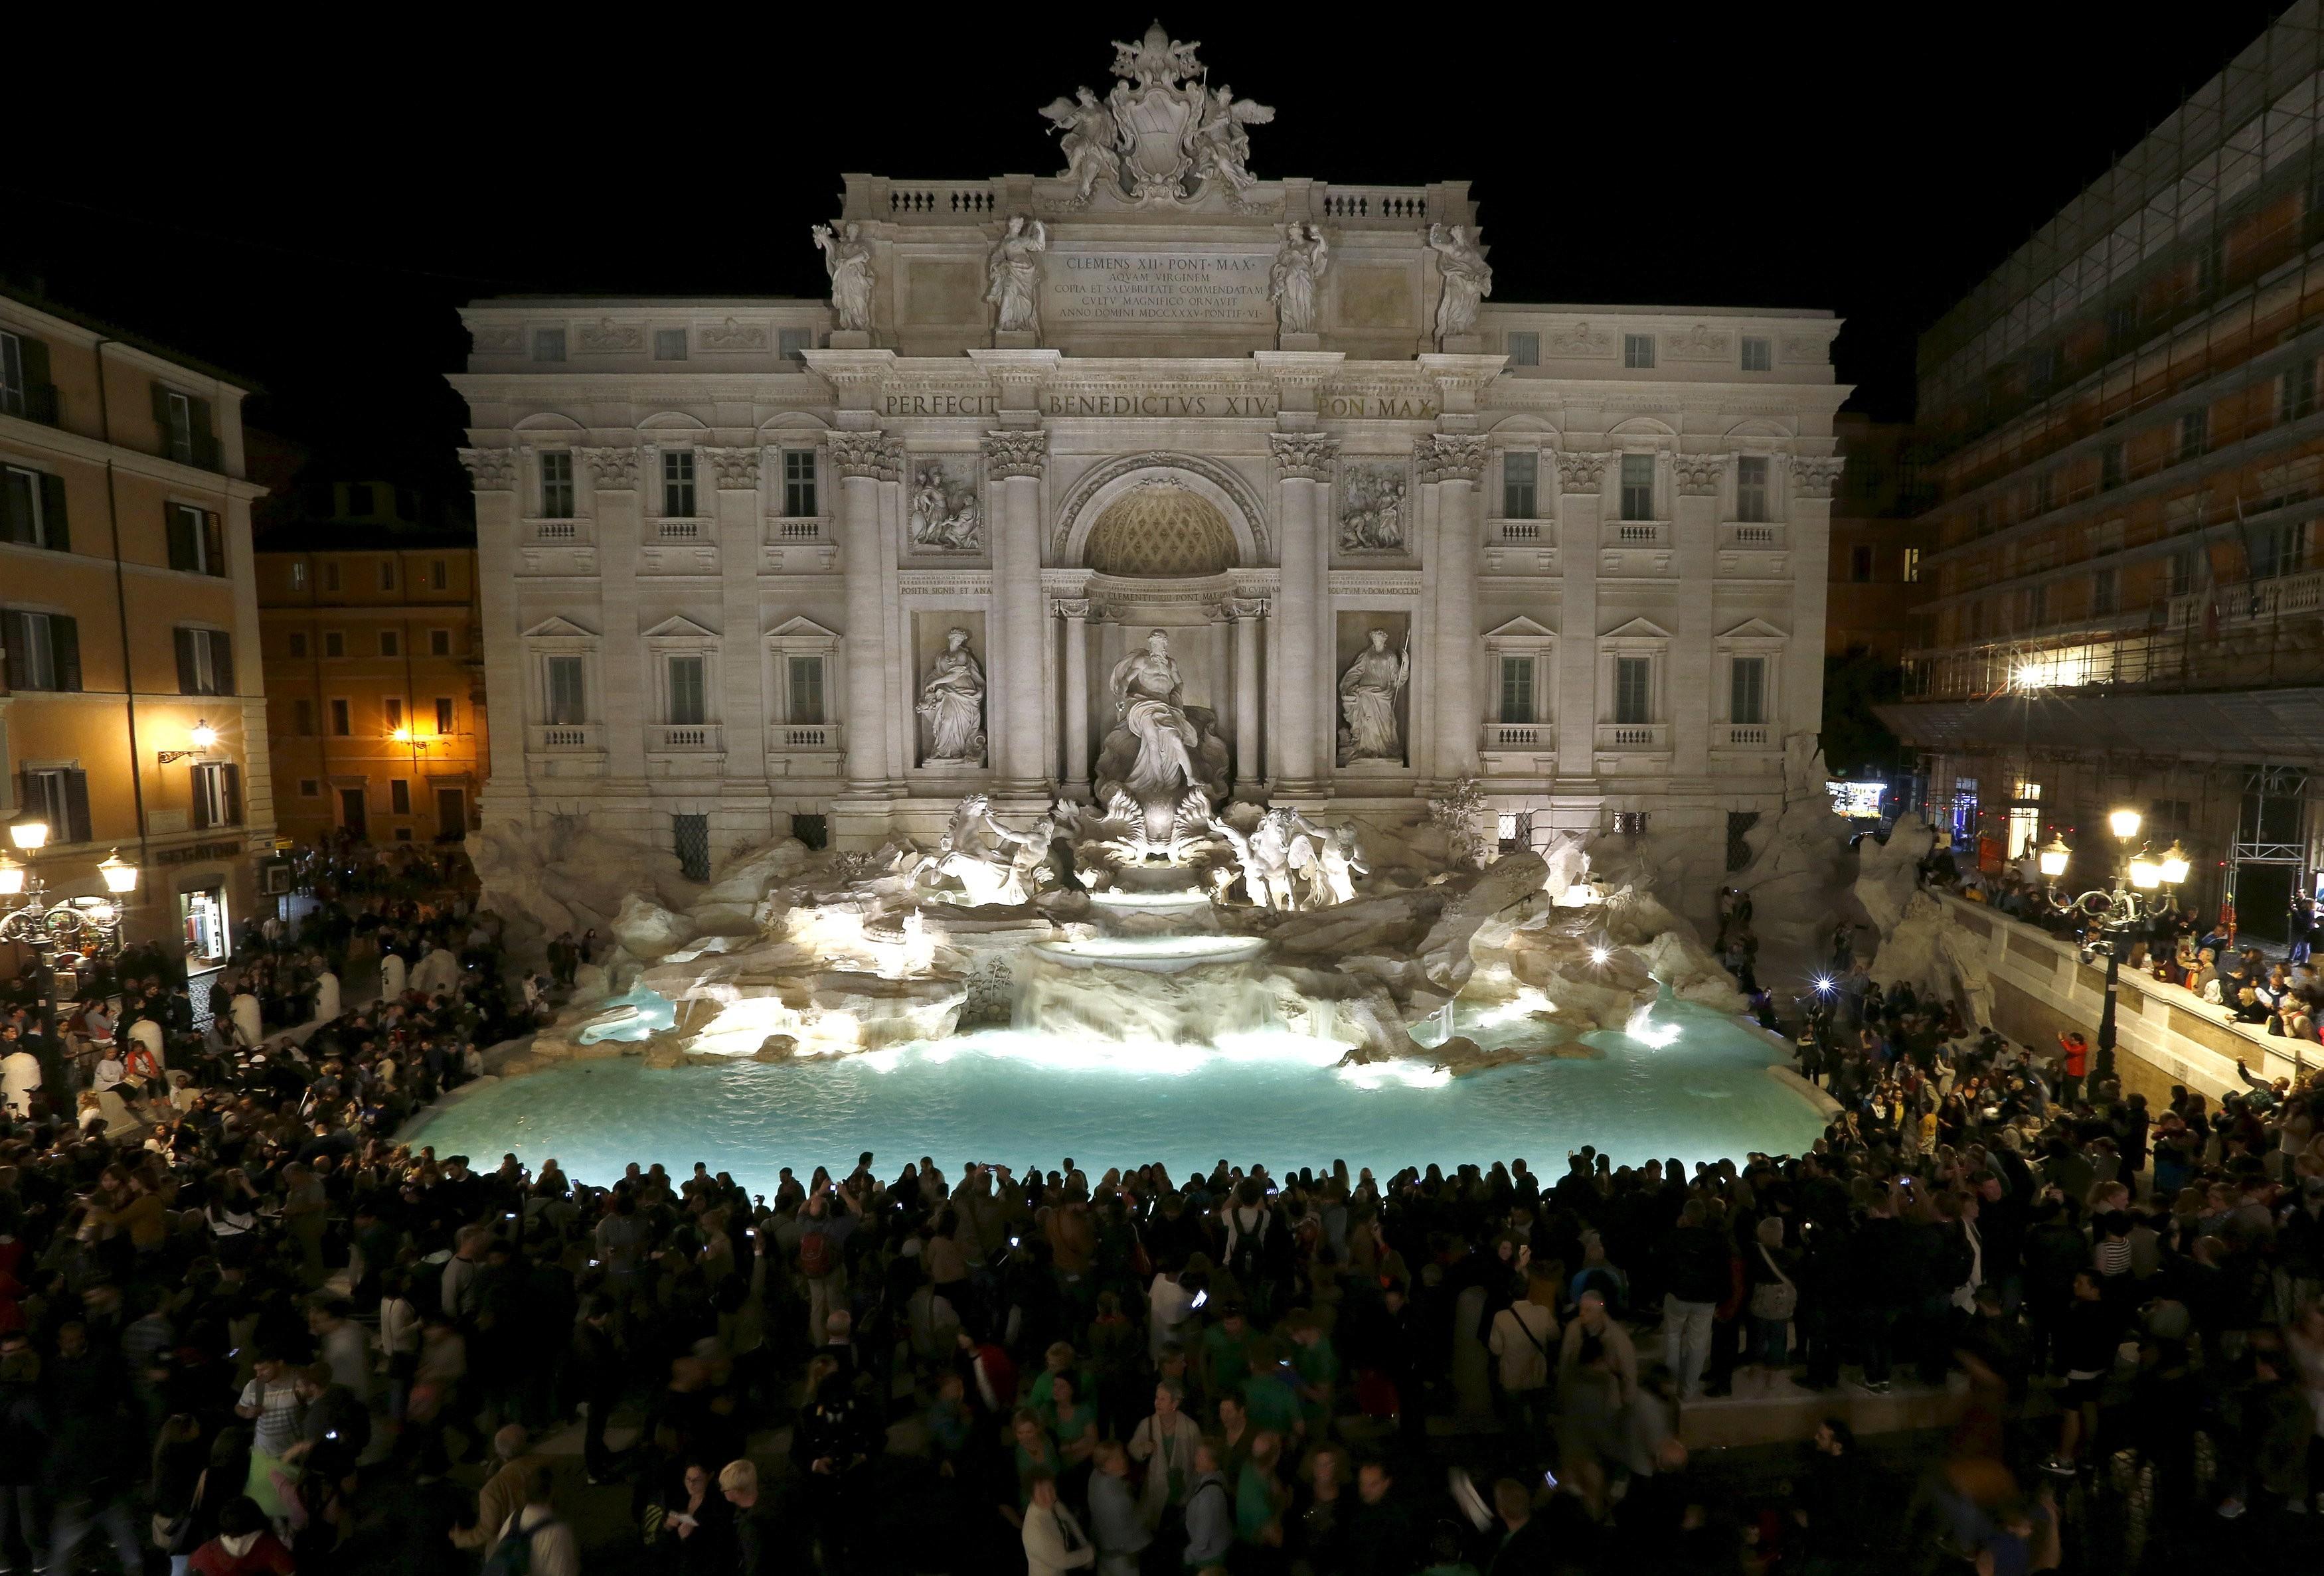 Fontana di Trevi: prefeitura de Roma e Igreja brigam por milhões em moedas jogados na fonte por turistas